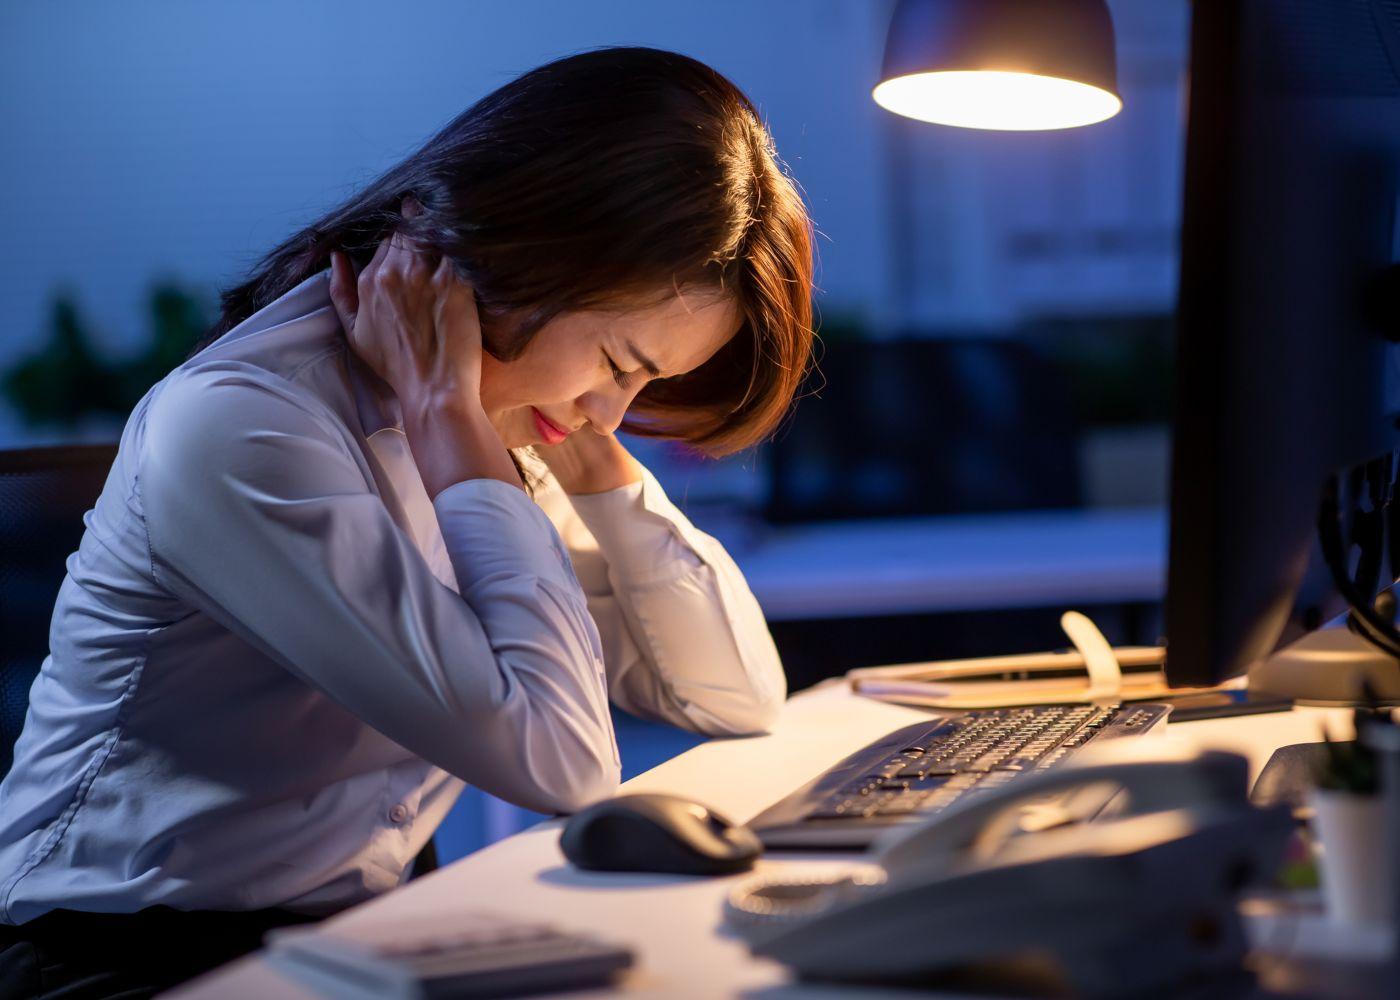 mulher com sinais de sofrimento a trabalhar